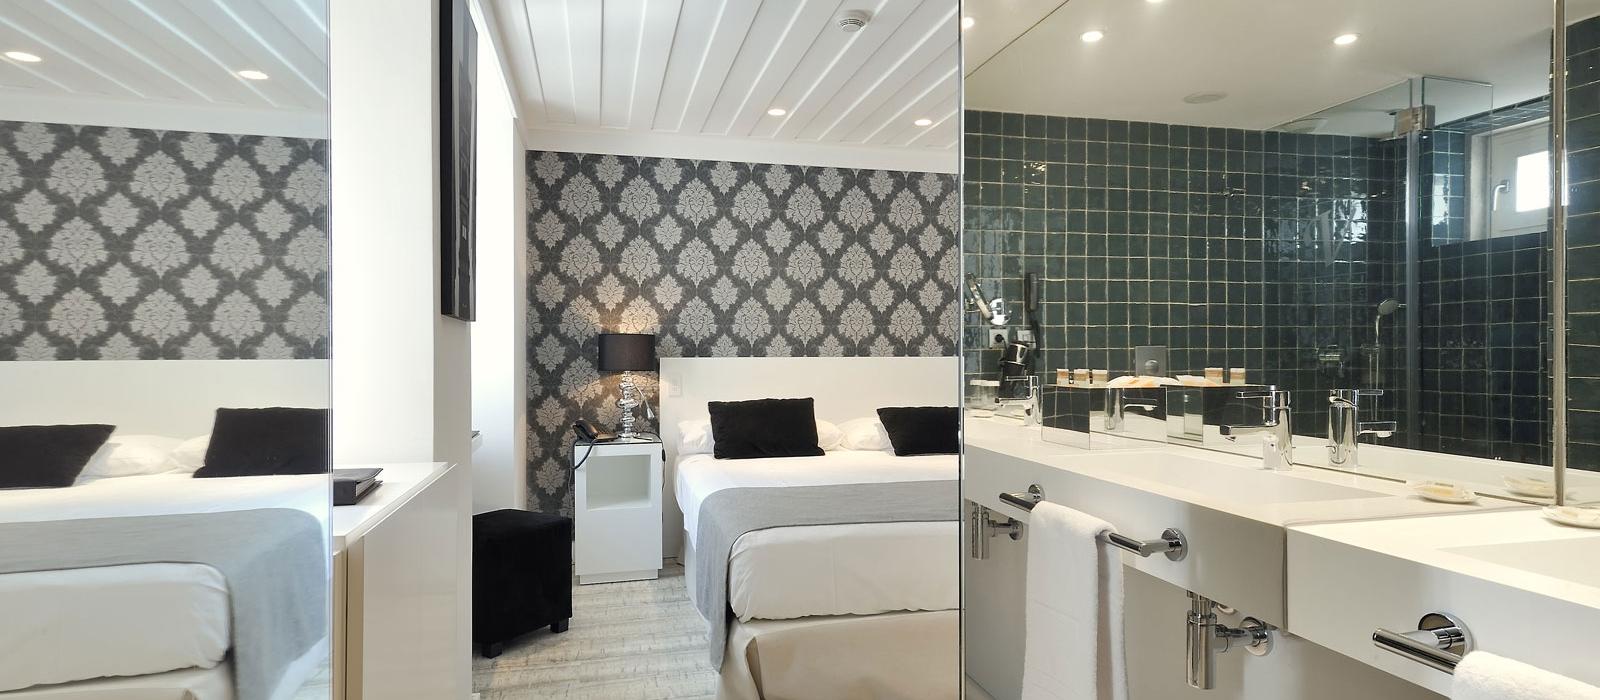 Quartos Hotel Lisboa Baixa - Vincci Hoteles - Quarto Estandar